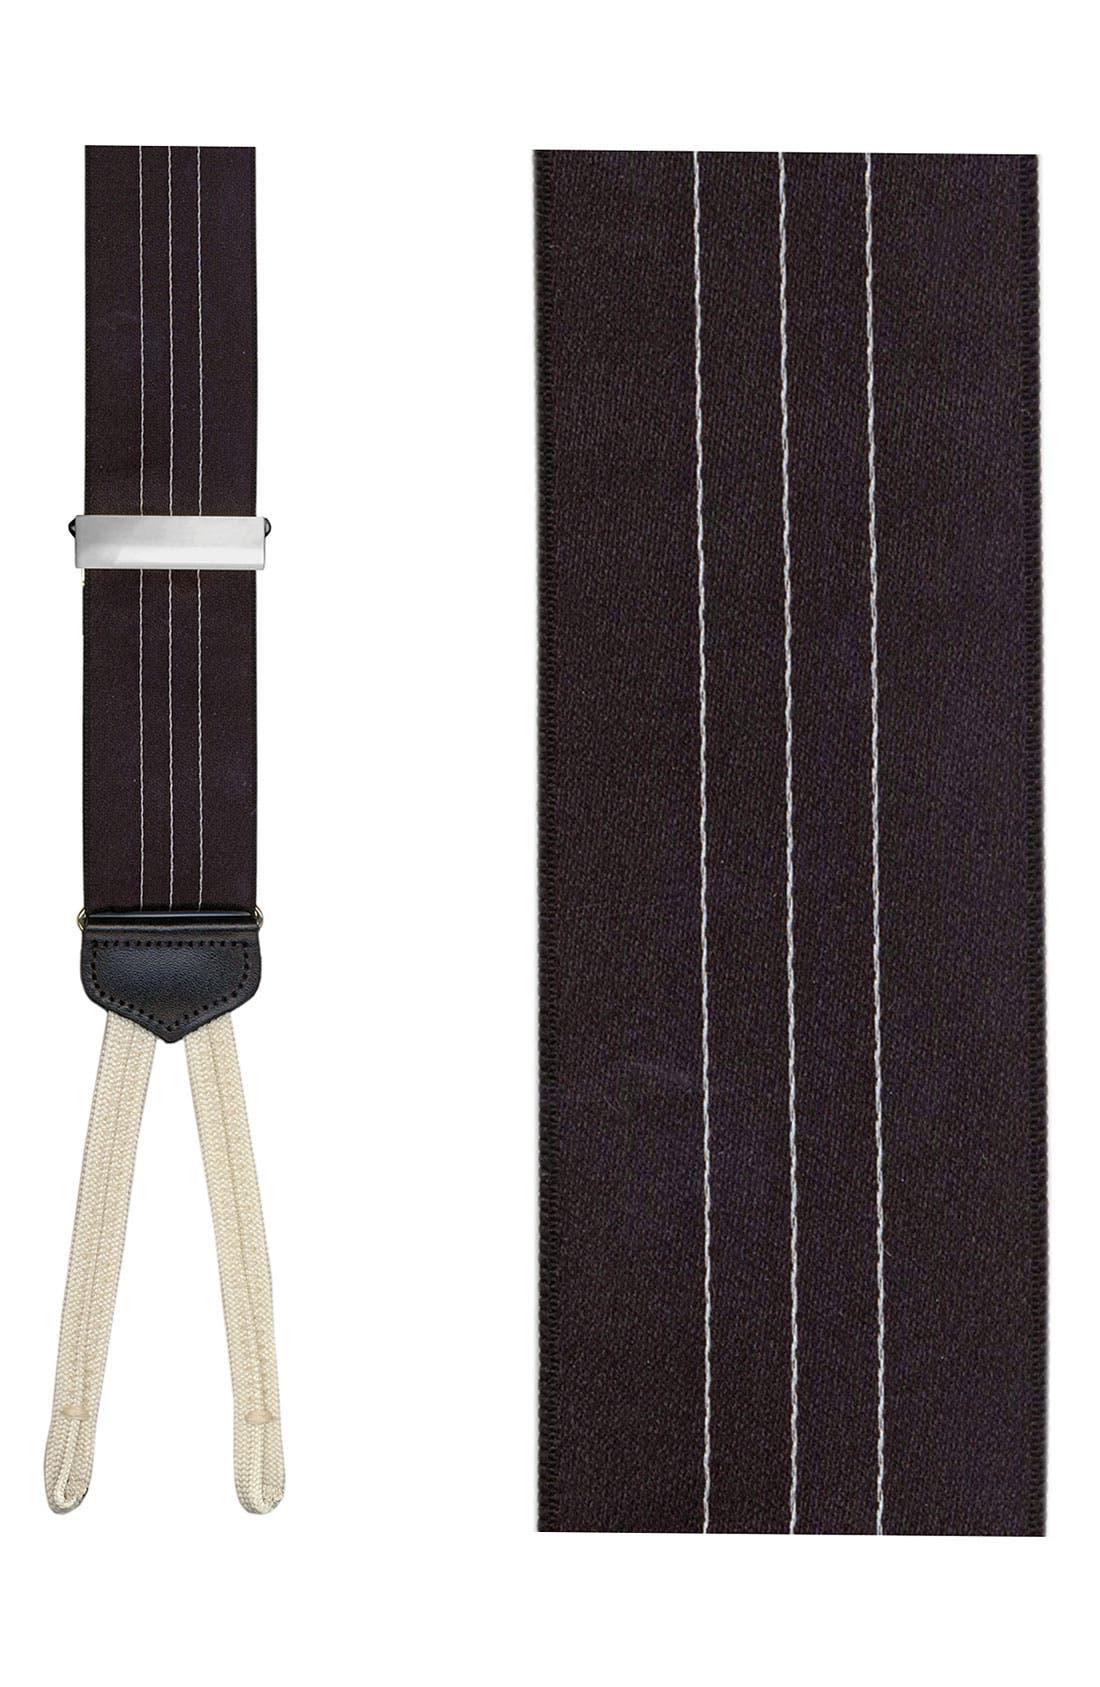 Main Image - Trafalgar 'Formal Ascot' Satin Suspenders